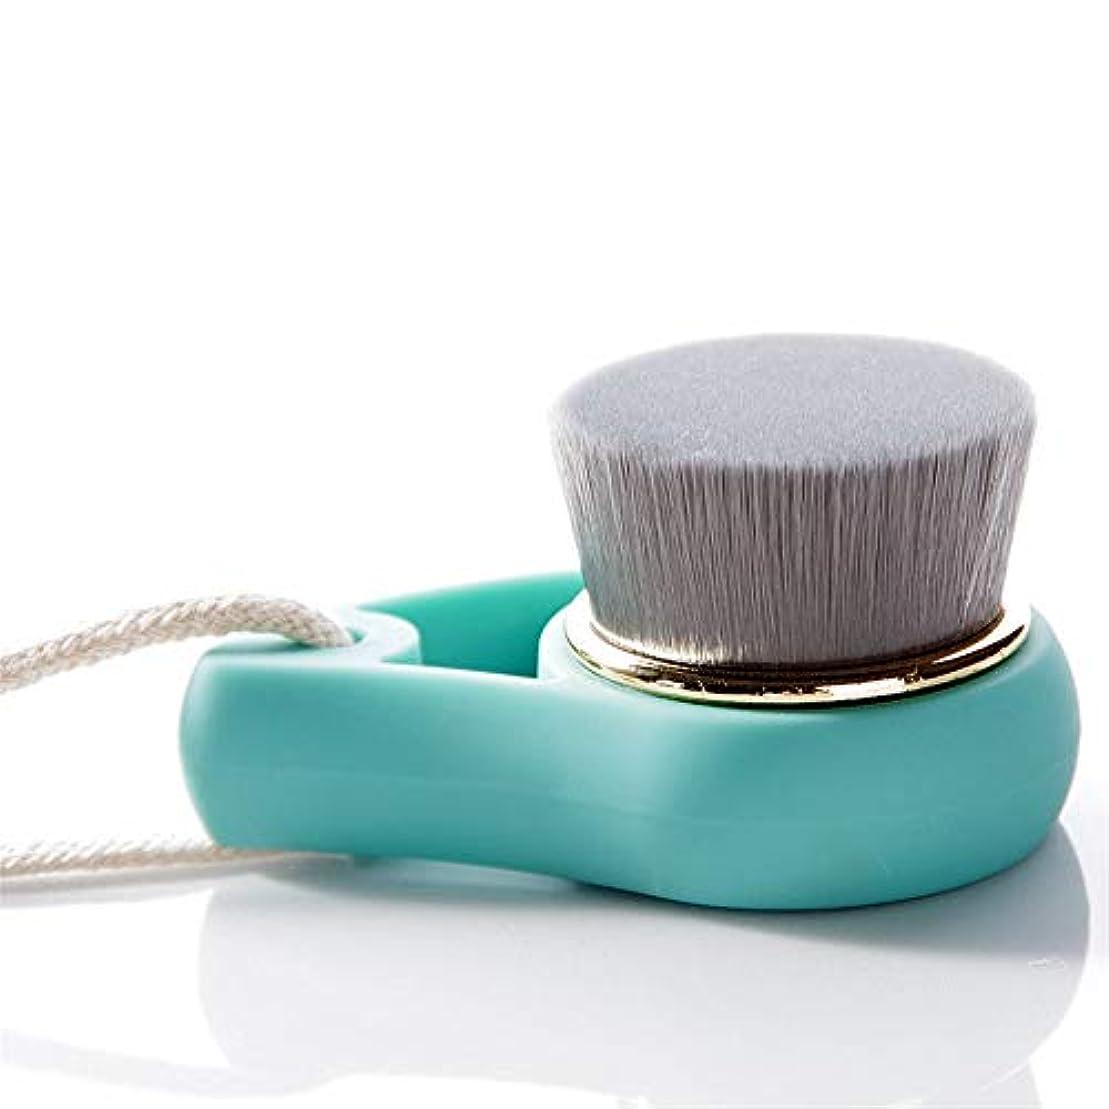 測定可能同化する持ってる洗顔ブラシ ソフト剛毛フェイスクリーニング美容ブラシ女性のクレンジングブラシ ディープクレンジングスキンケア用